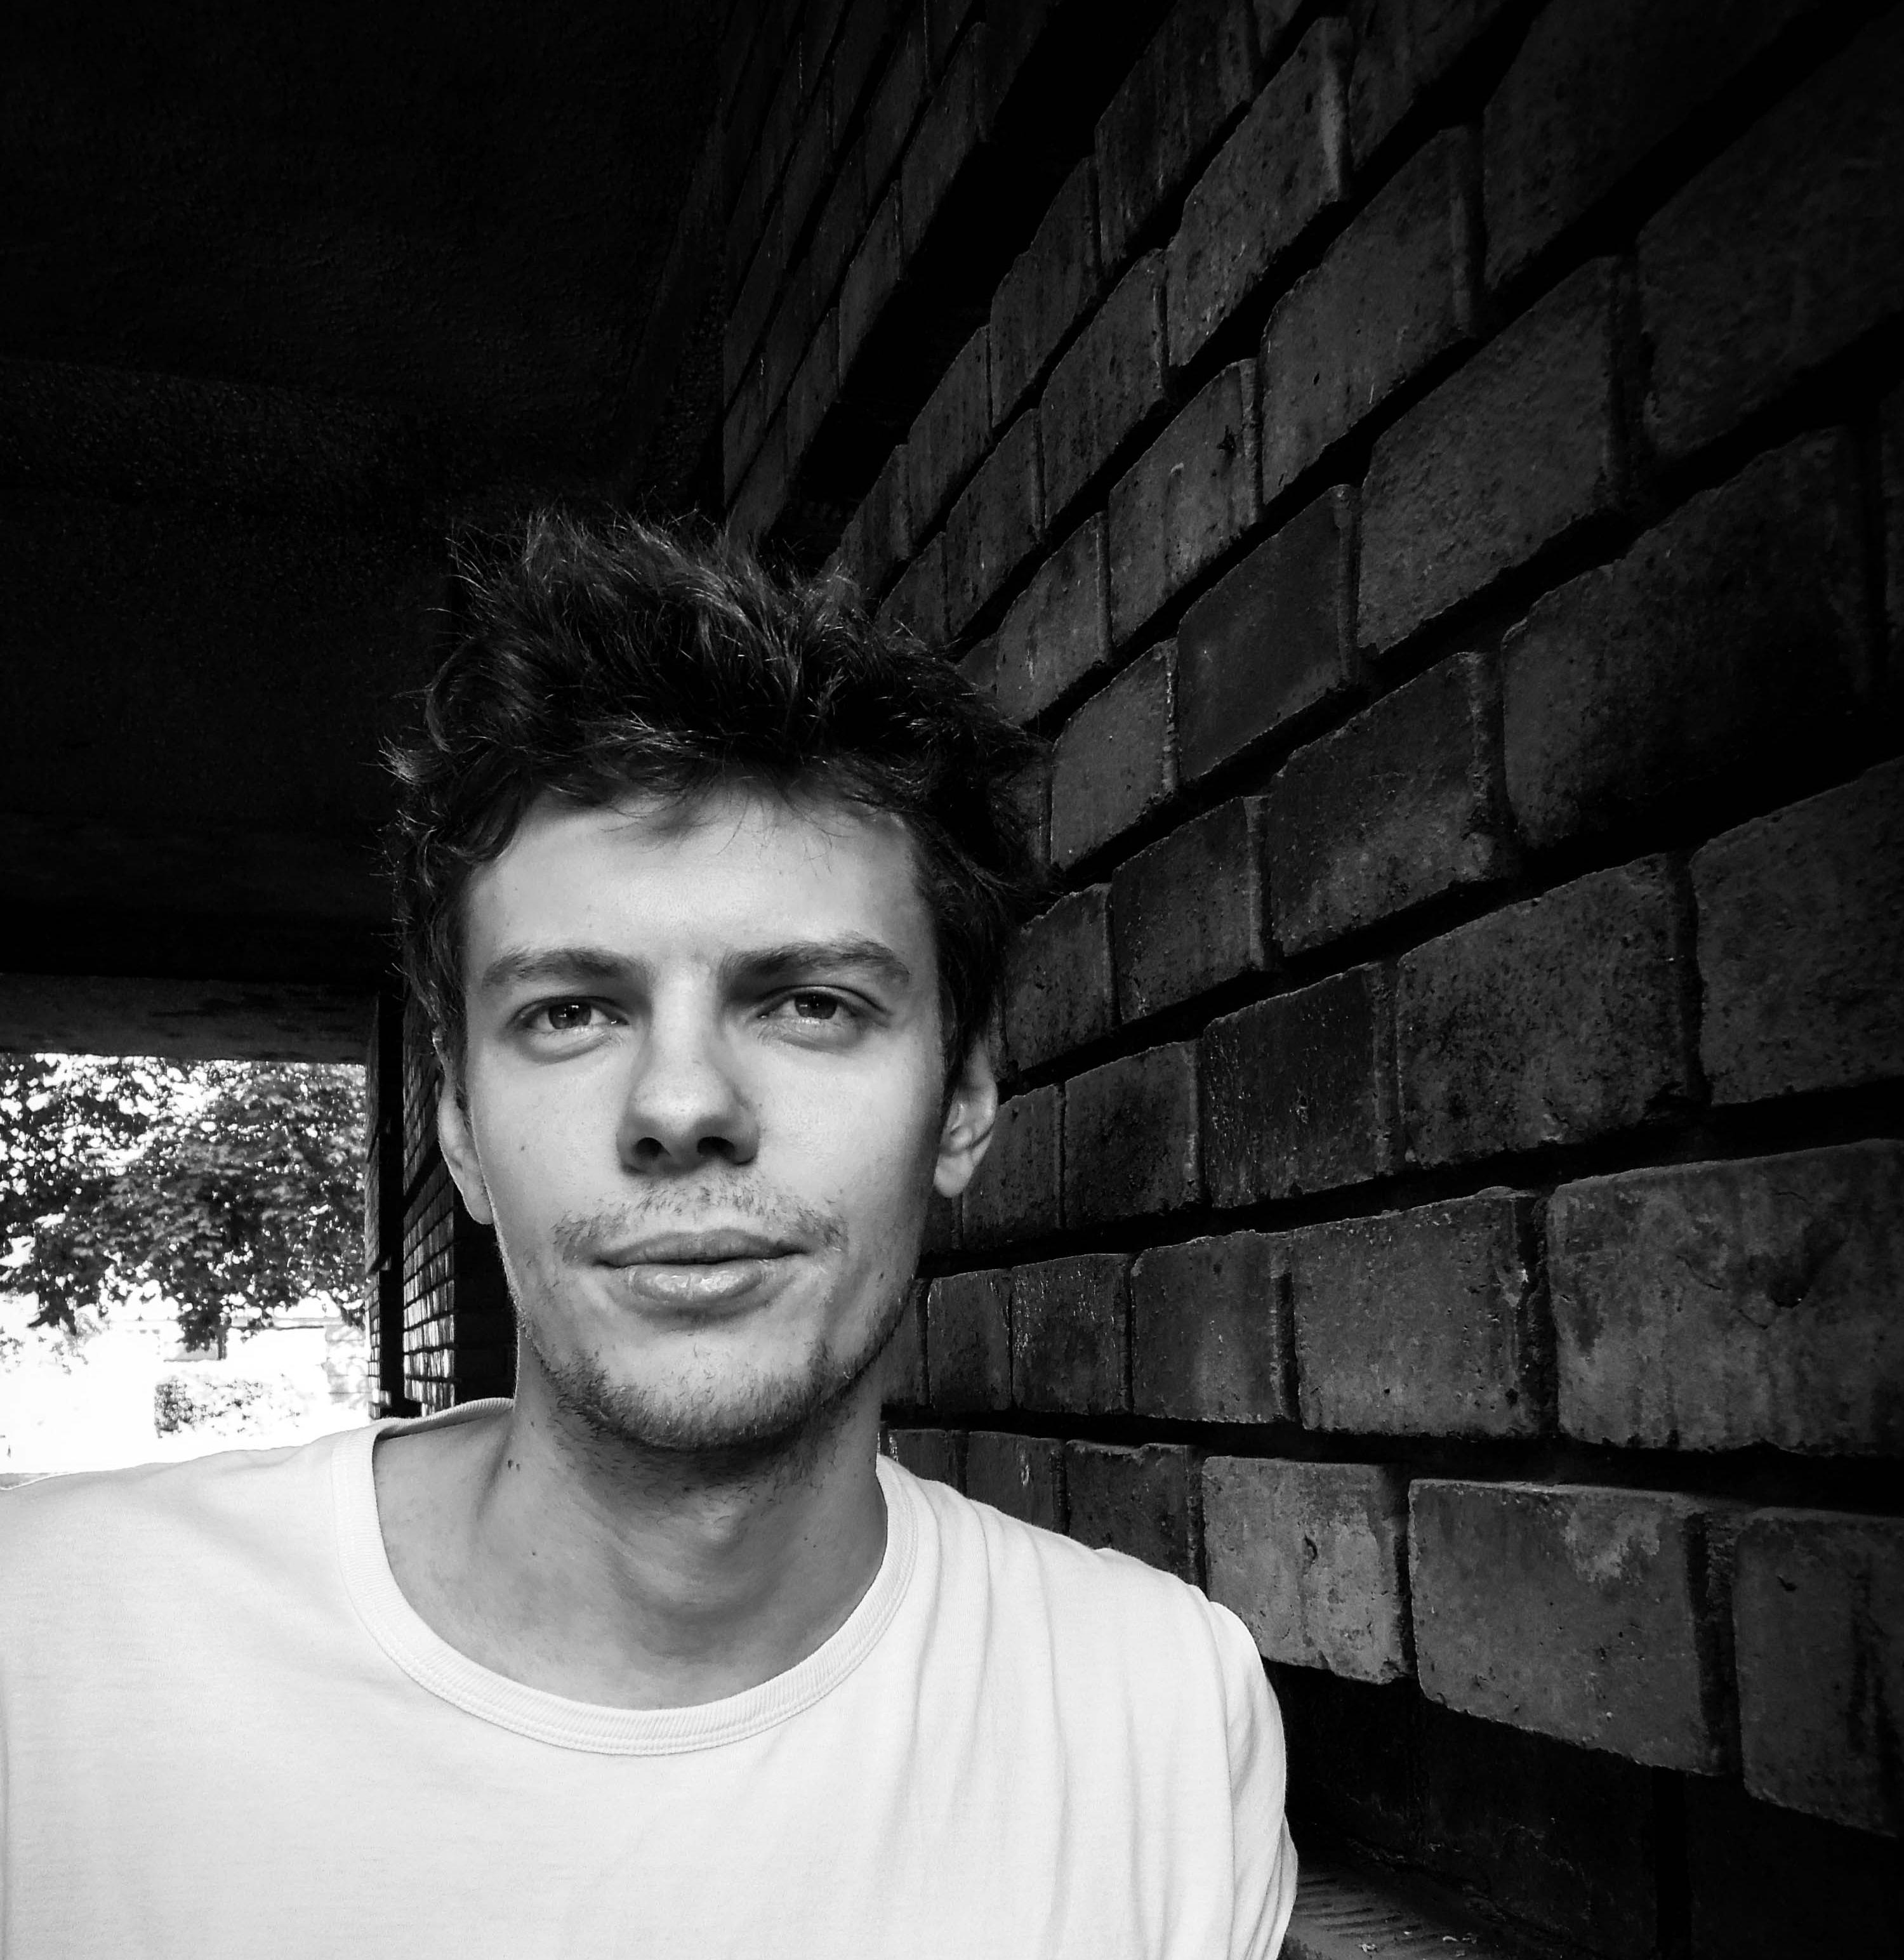 DSCN8422Marc DeKos - Portraits [by Sandra Kokic] WEB.jpg